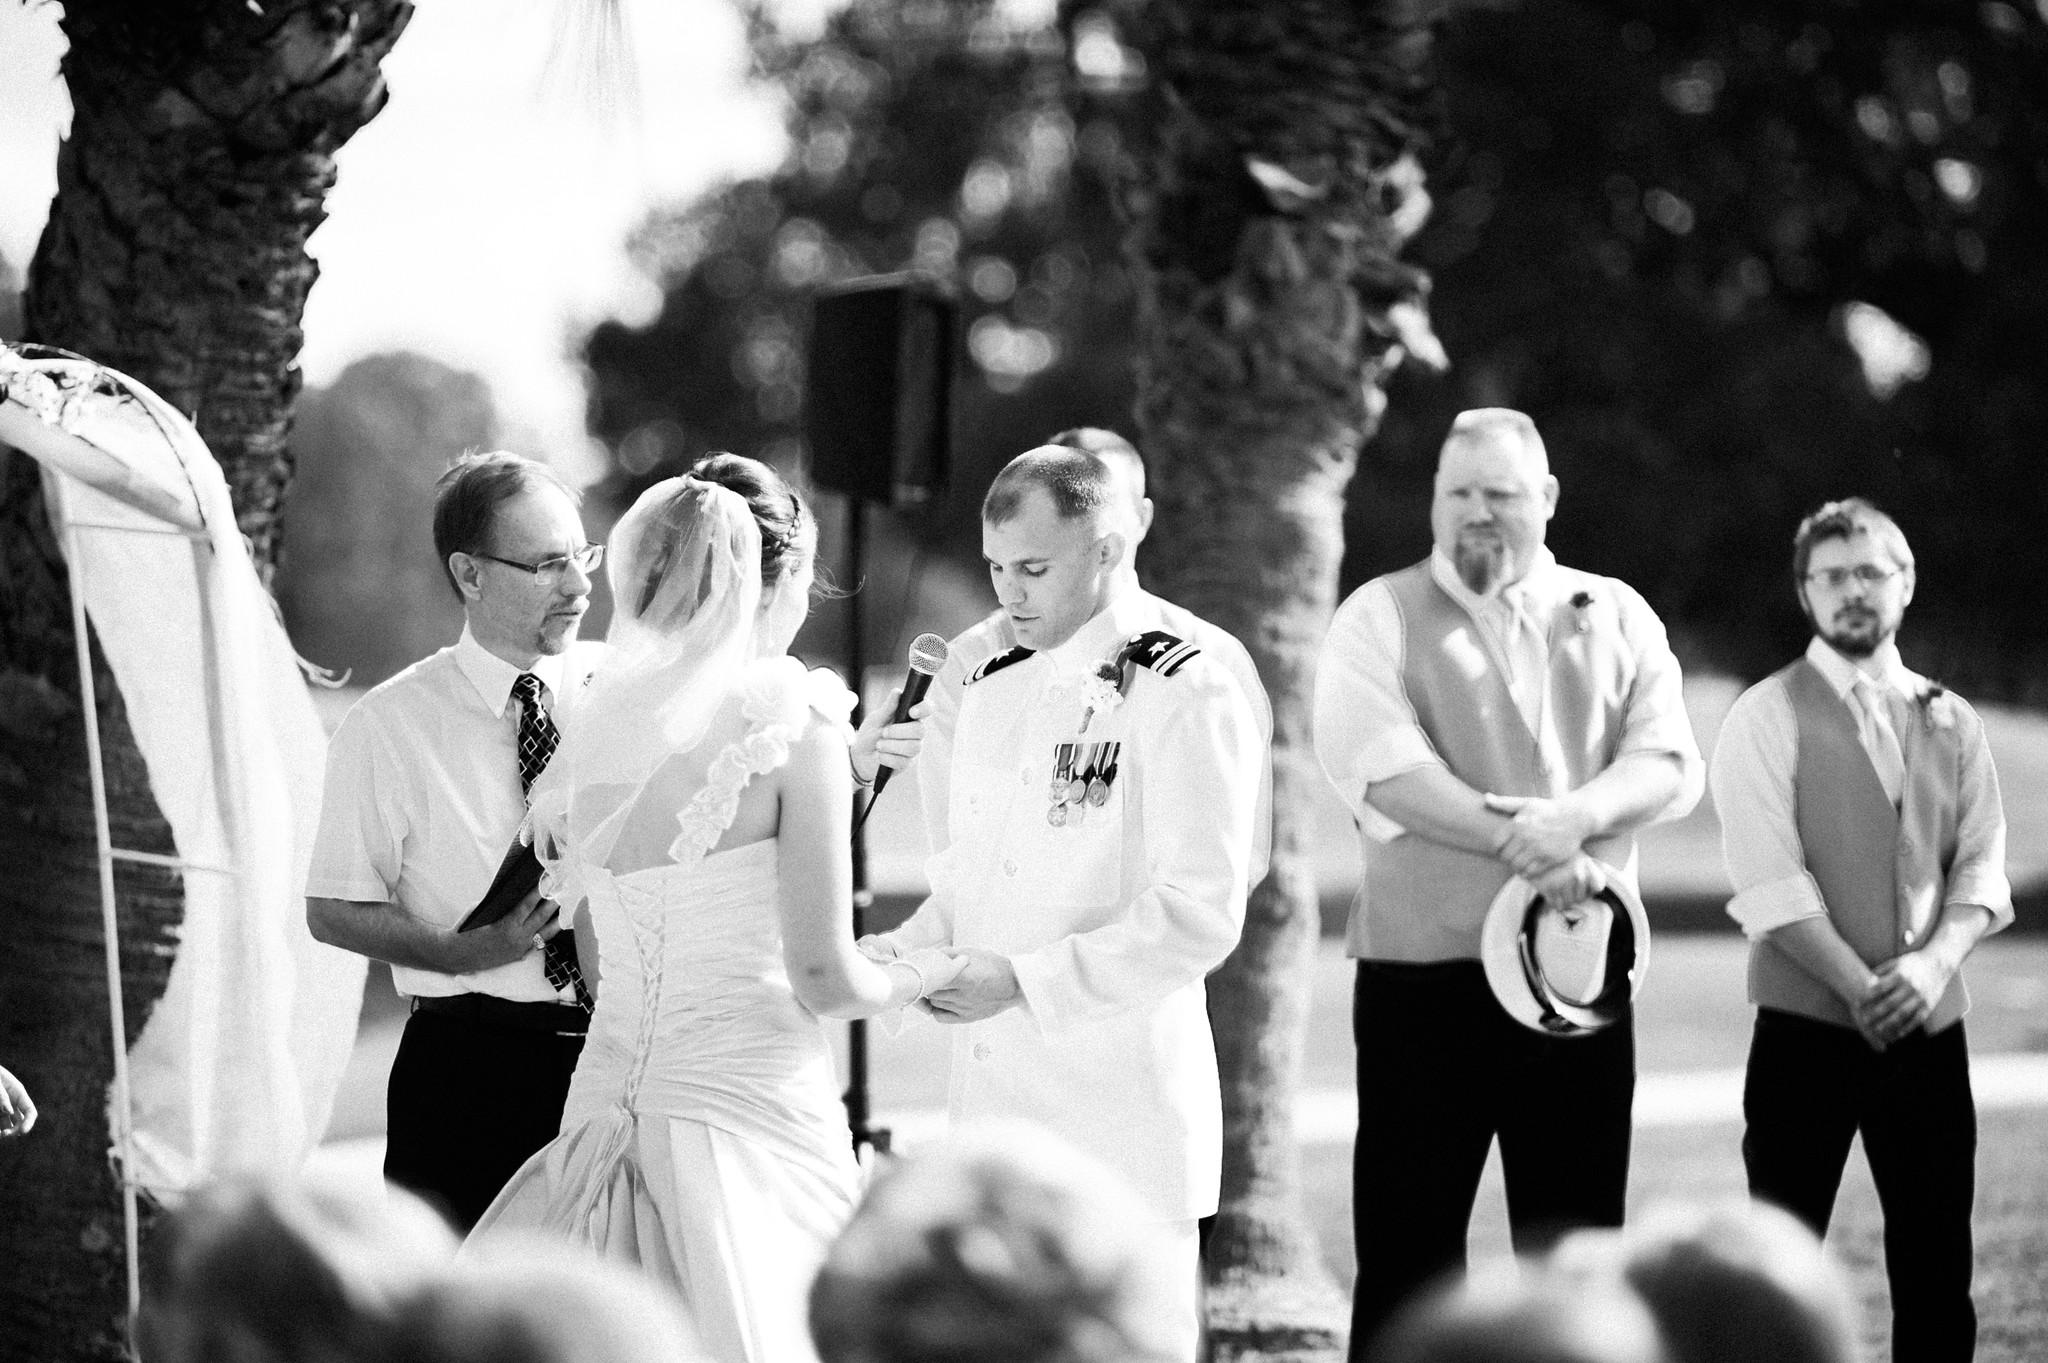 arthur-wedding-191-X4.jpg